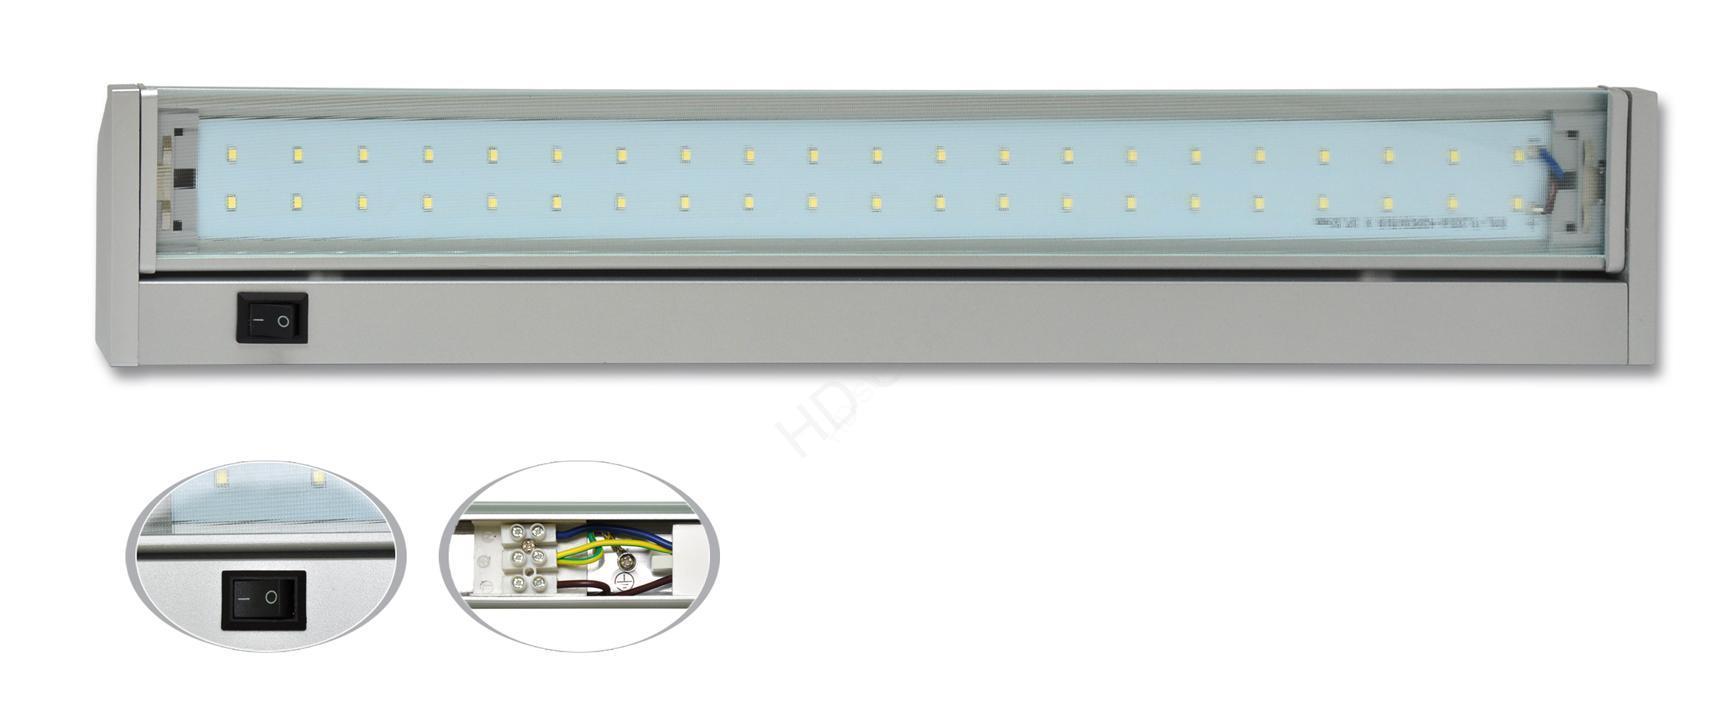 ECOLITE LED úsporné kuchynské výklopné podlinkové svietidlo GANYS SMD TL2016-70SMD/15W